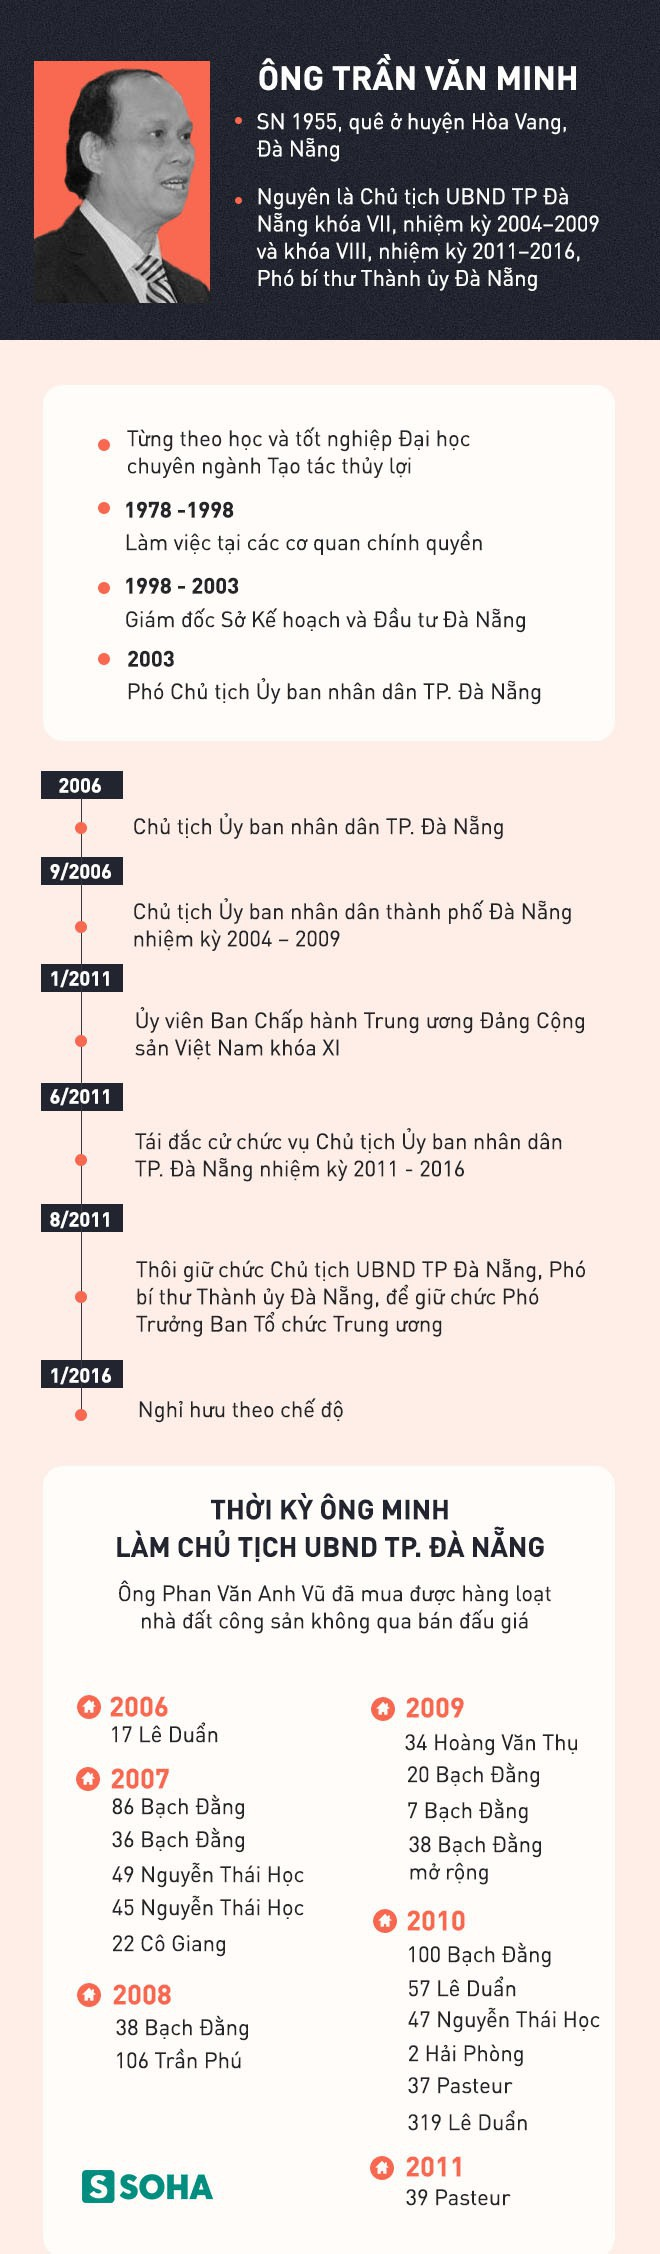 Công an khám xét nhà cựu Chủ tịch Đà Nẵng Trần Văn Minh trong 5 giờ - Ảnh 16.